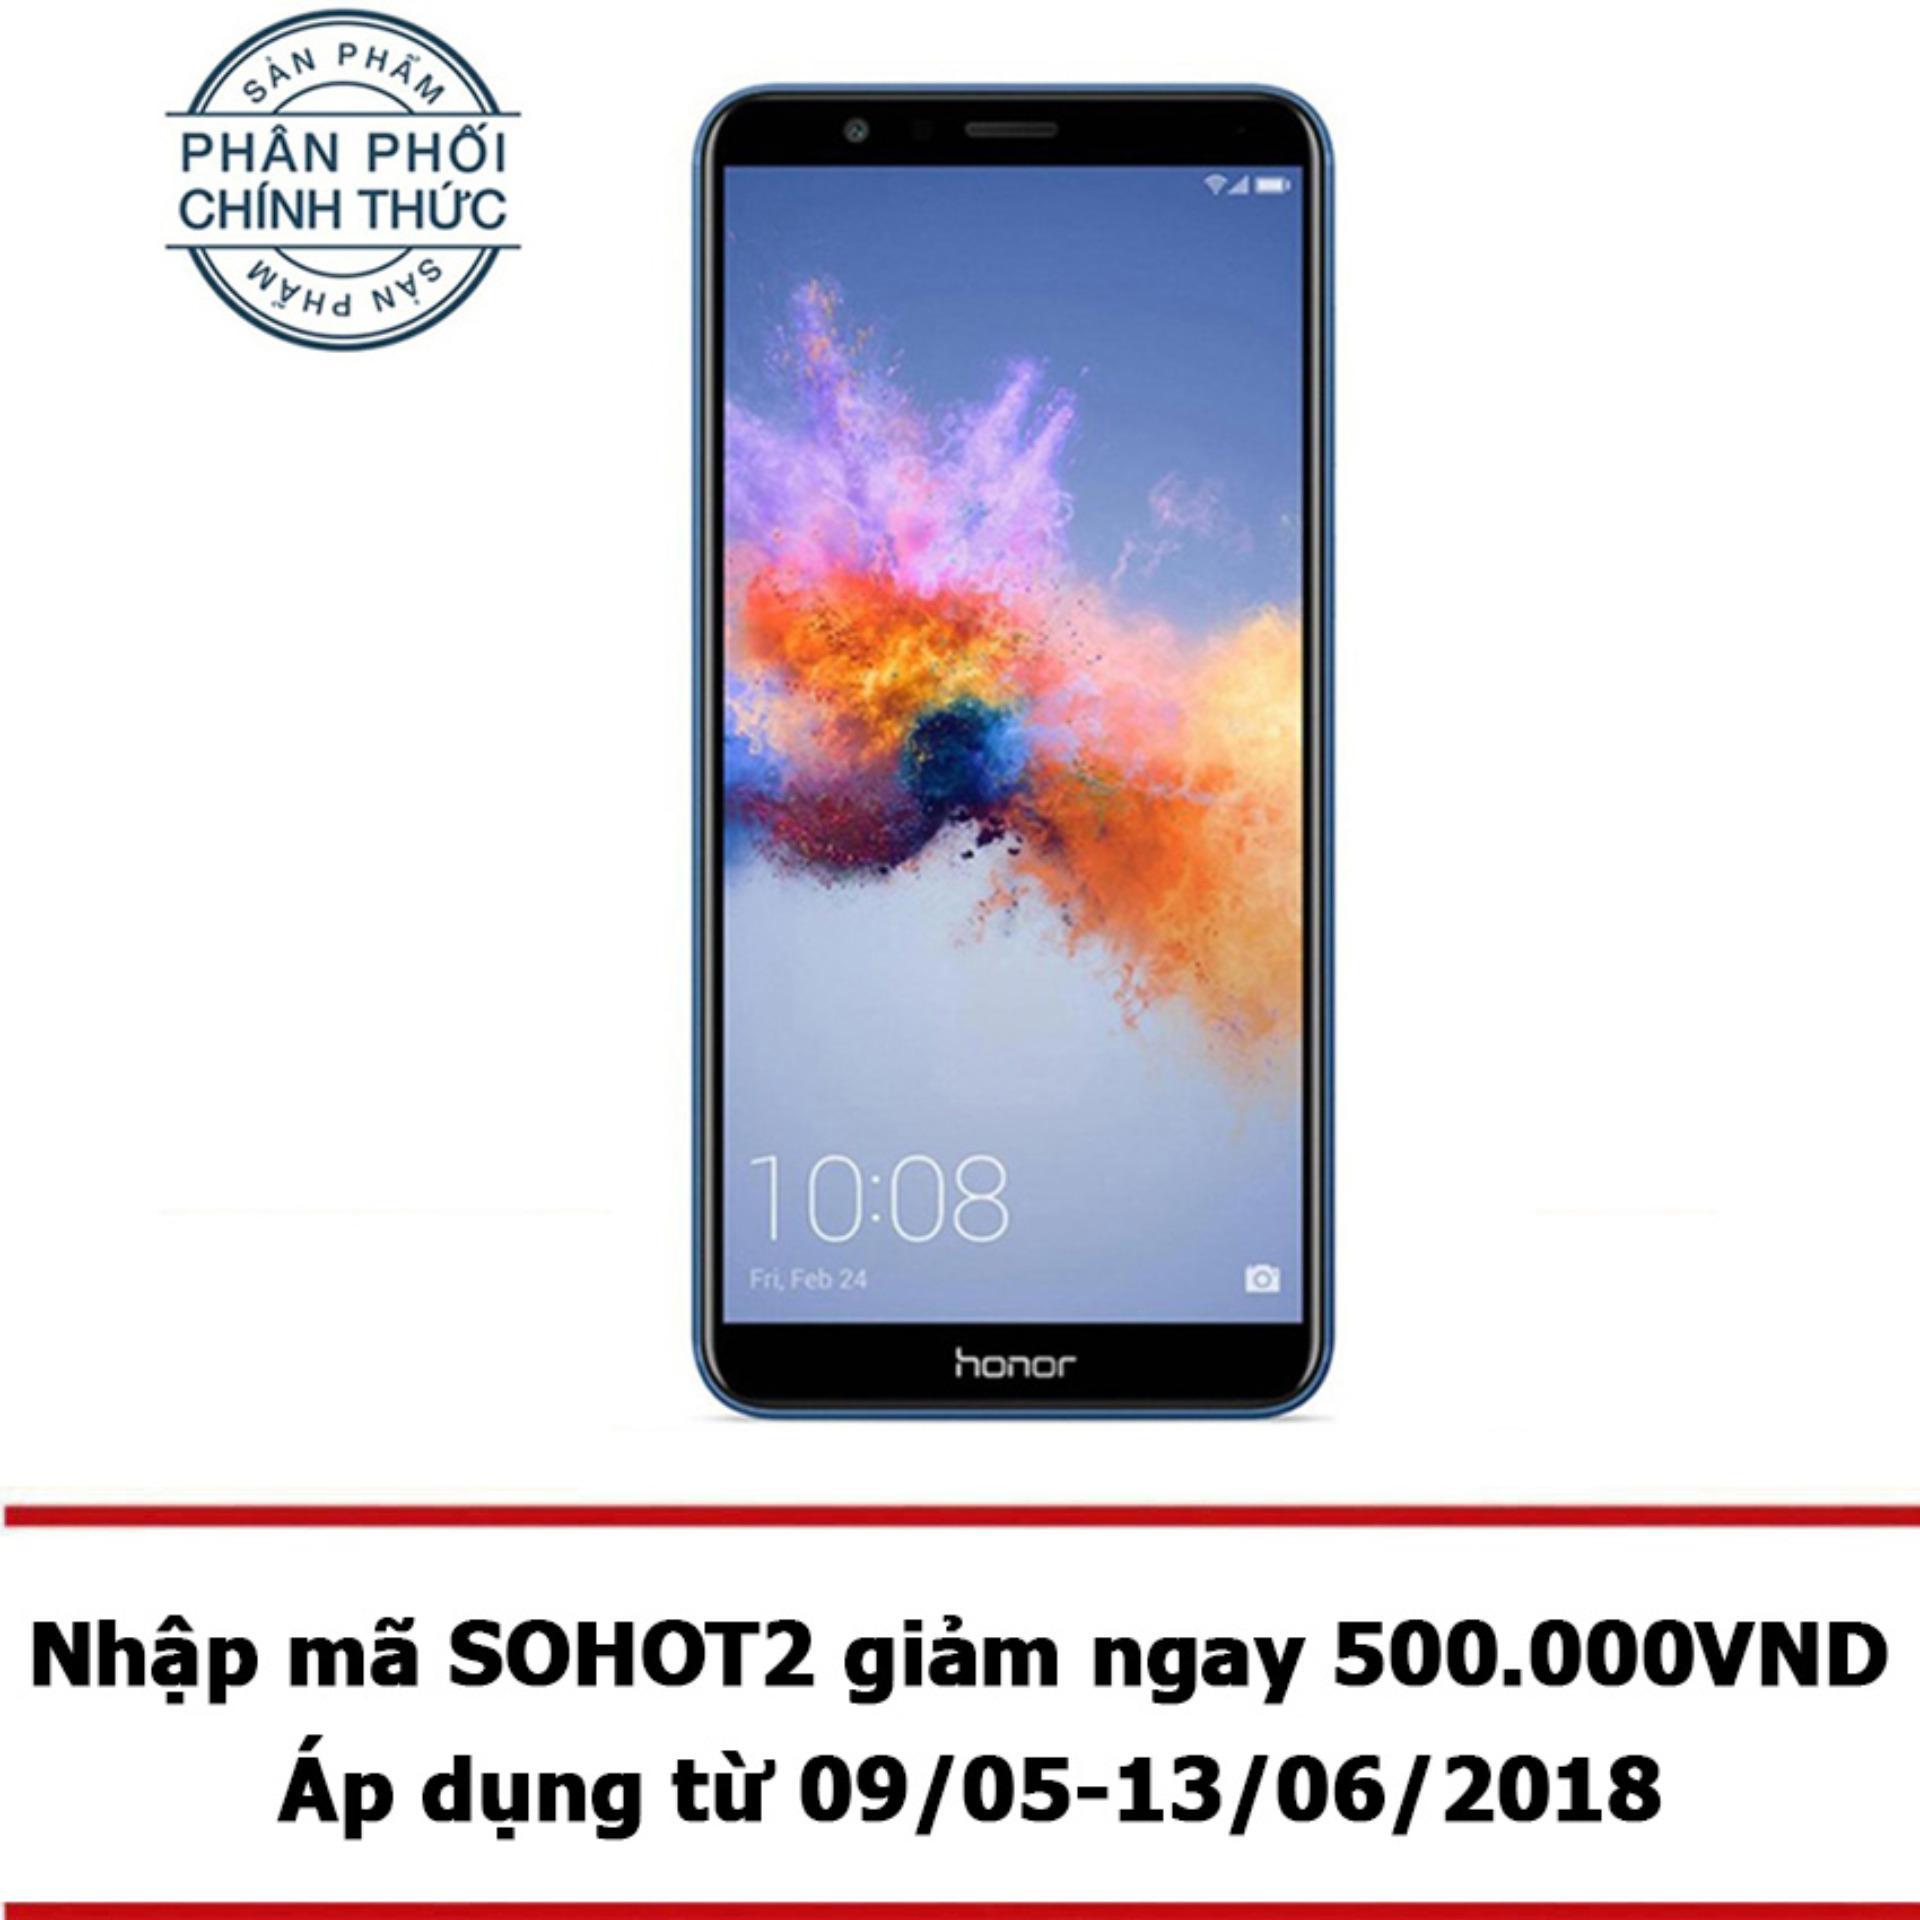 Bán Honor 7X 64Gb Ram 4Gb Xanh Hang Phan Phối Chinh Thức Rẻ